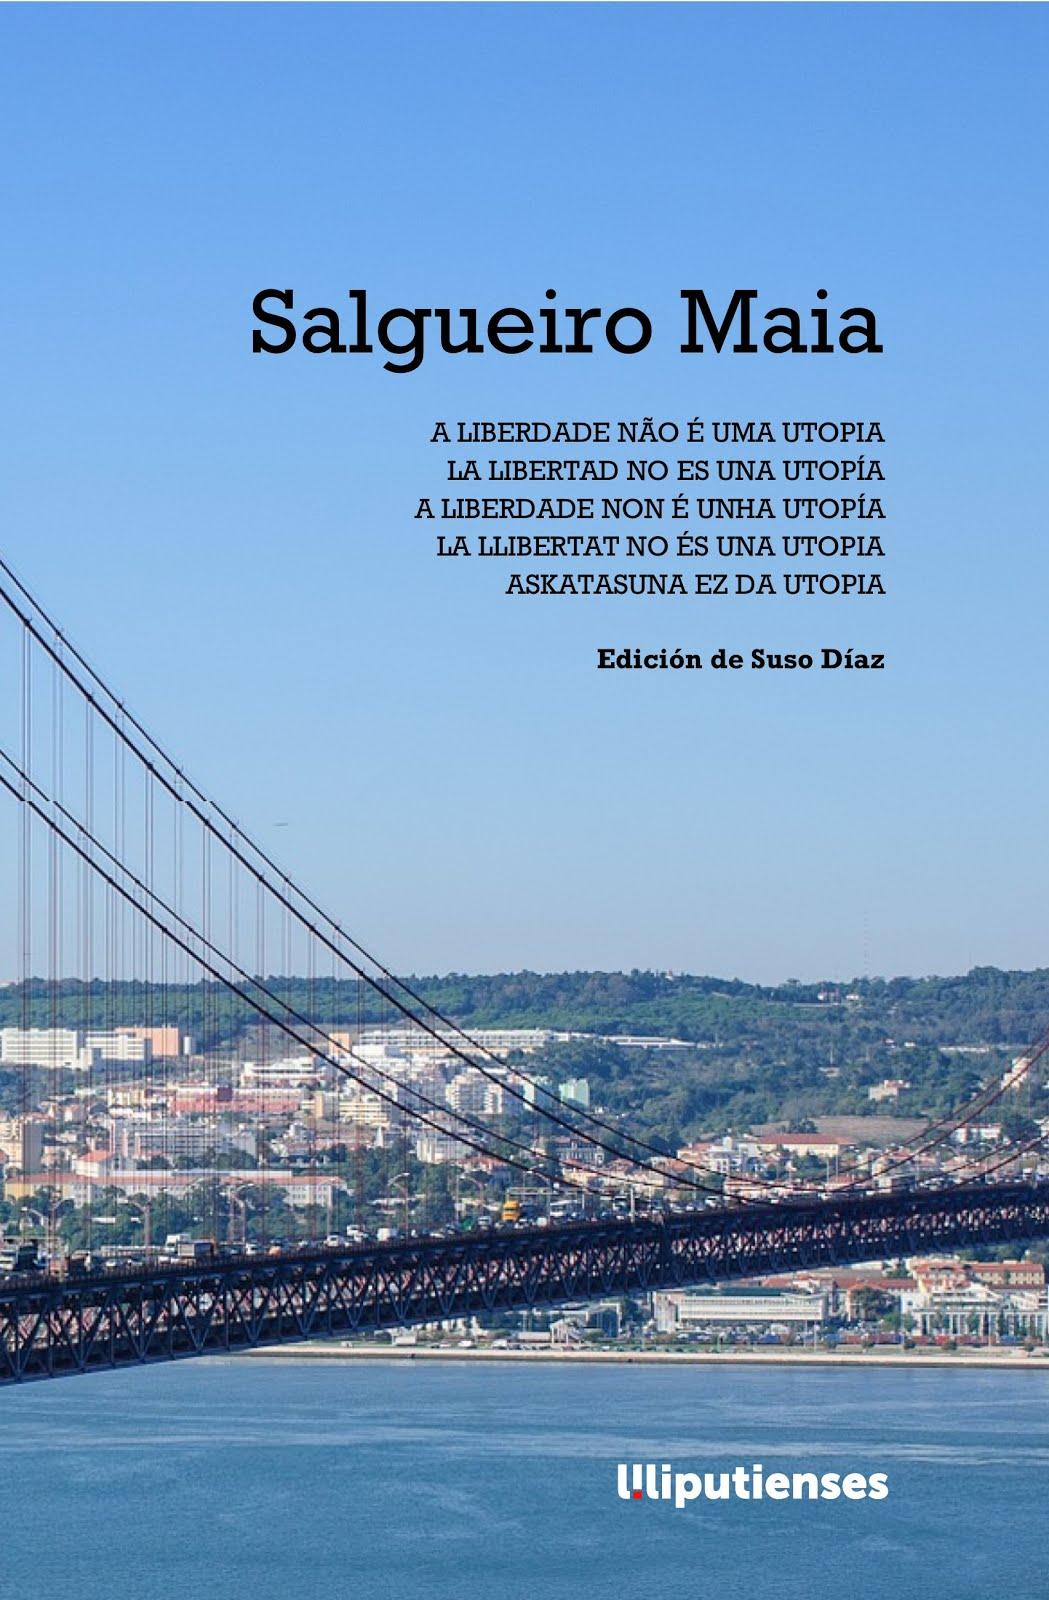 Salgueiro Maia